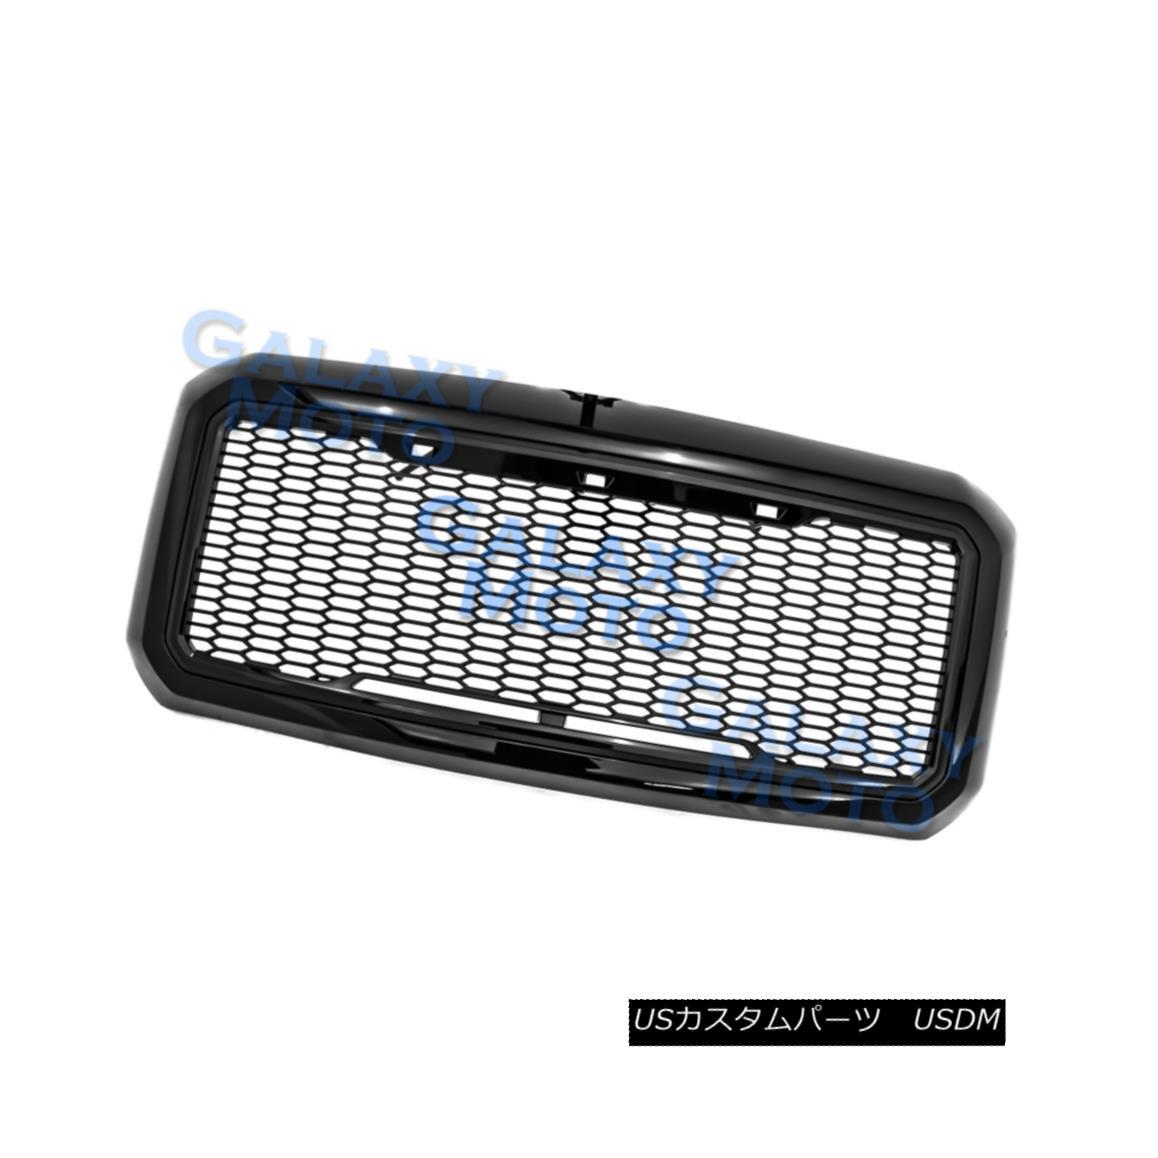 11-16 Ford Super Duty Raptor Style Matte Black Mesh Grille+Shell+White LED light